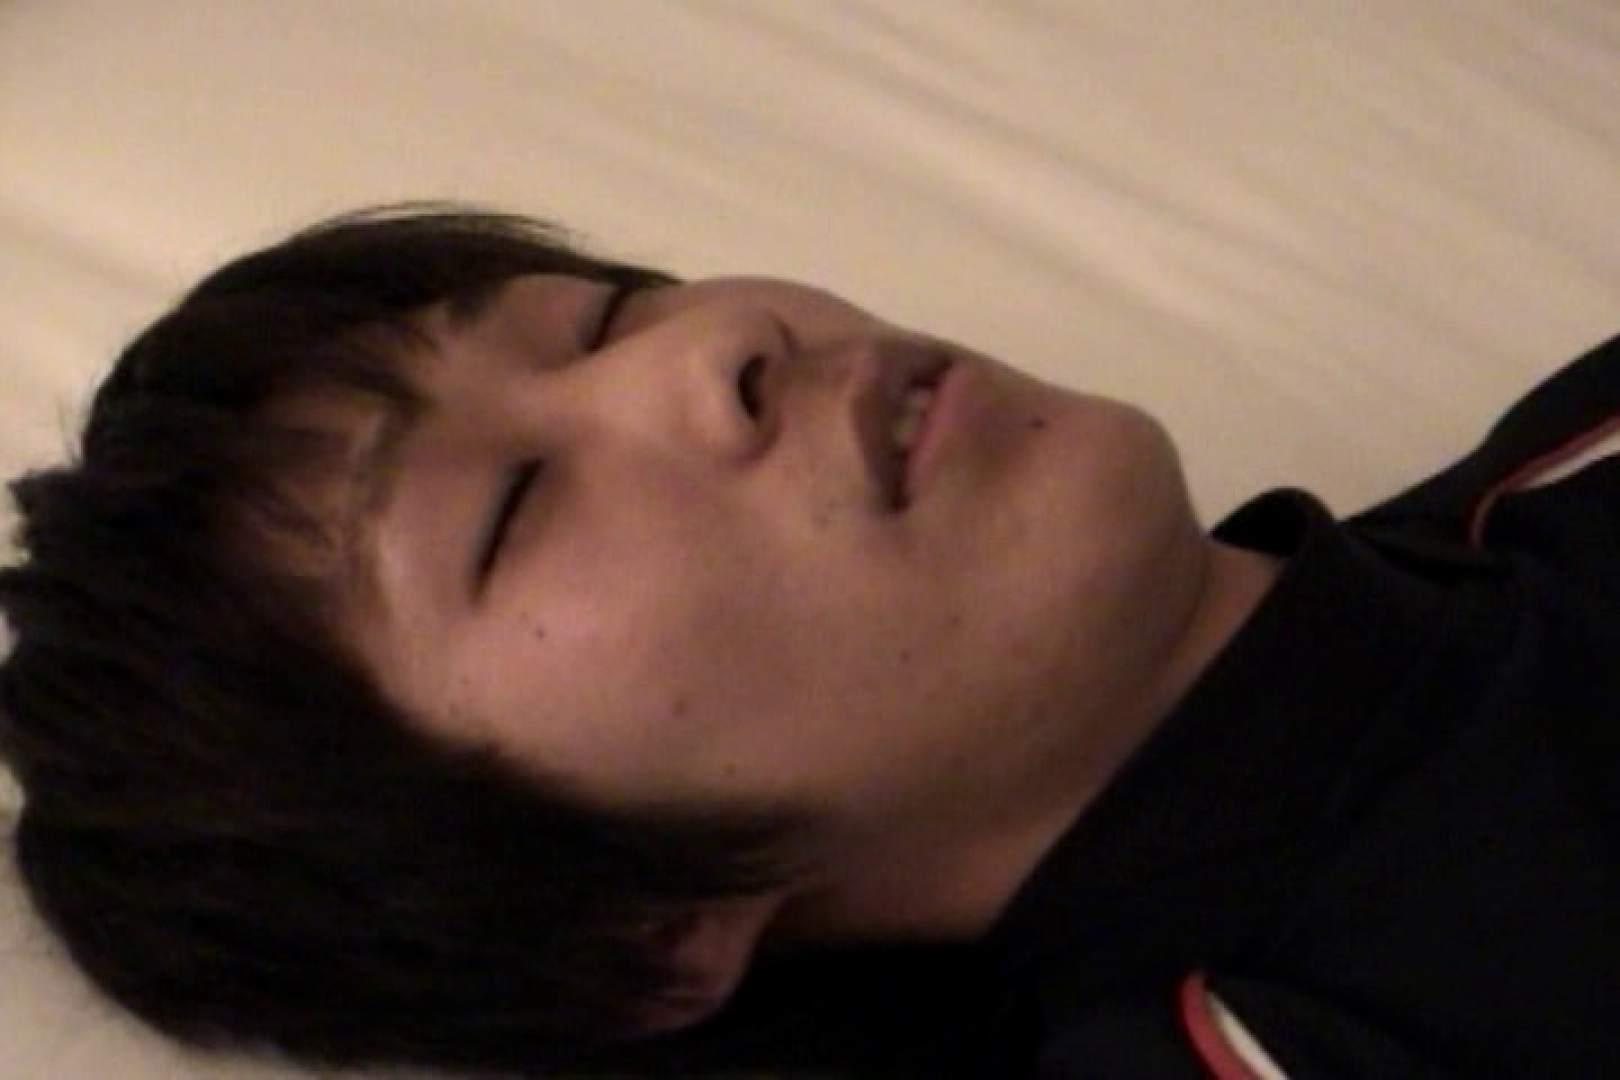 三ツ星シリーズ 魅惑のMemorial Night!! vol.01 ハメ撮り ゲイエロビデオ画像 67枚 66